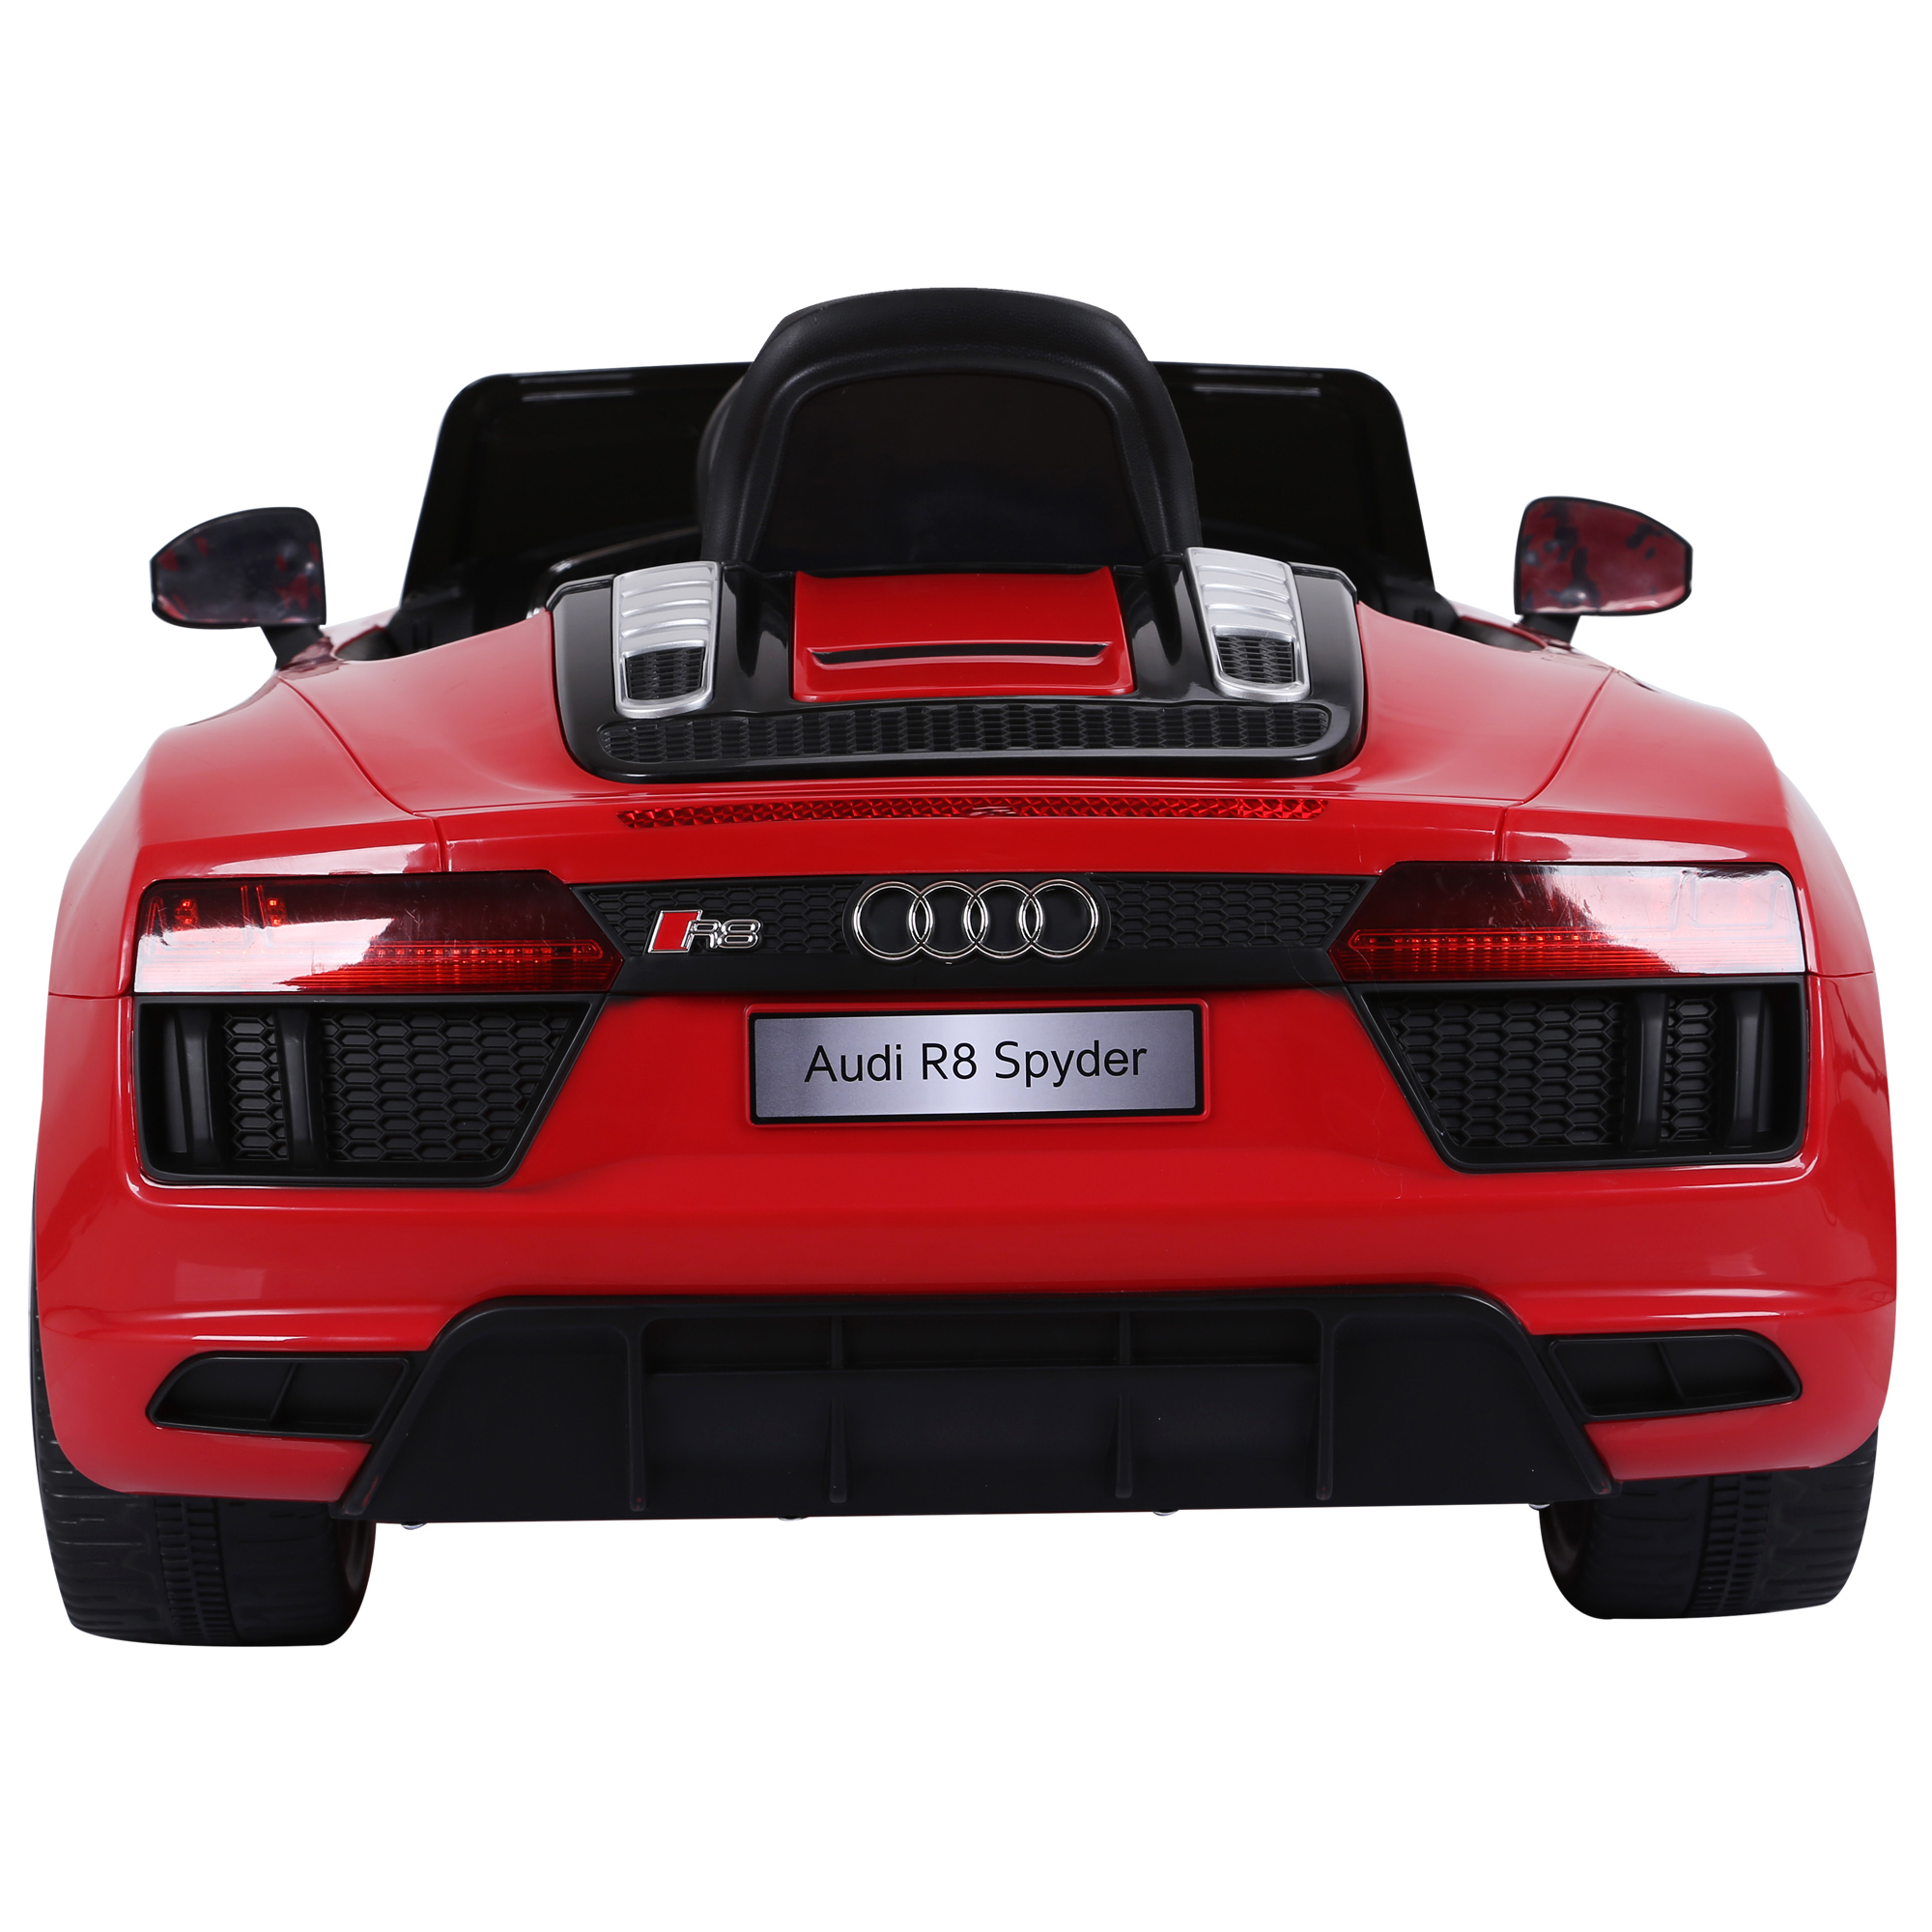 Coche-Electrico-para-Nino-3-8-Anos-Audi-R8-Bateria-12V-Control-Remoto-Carga-30kg miniatura 21